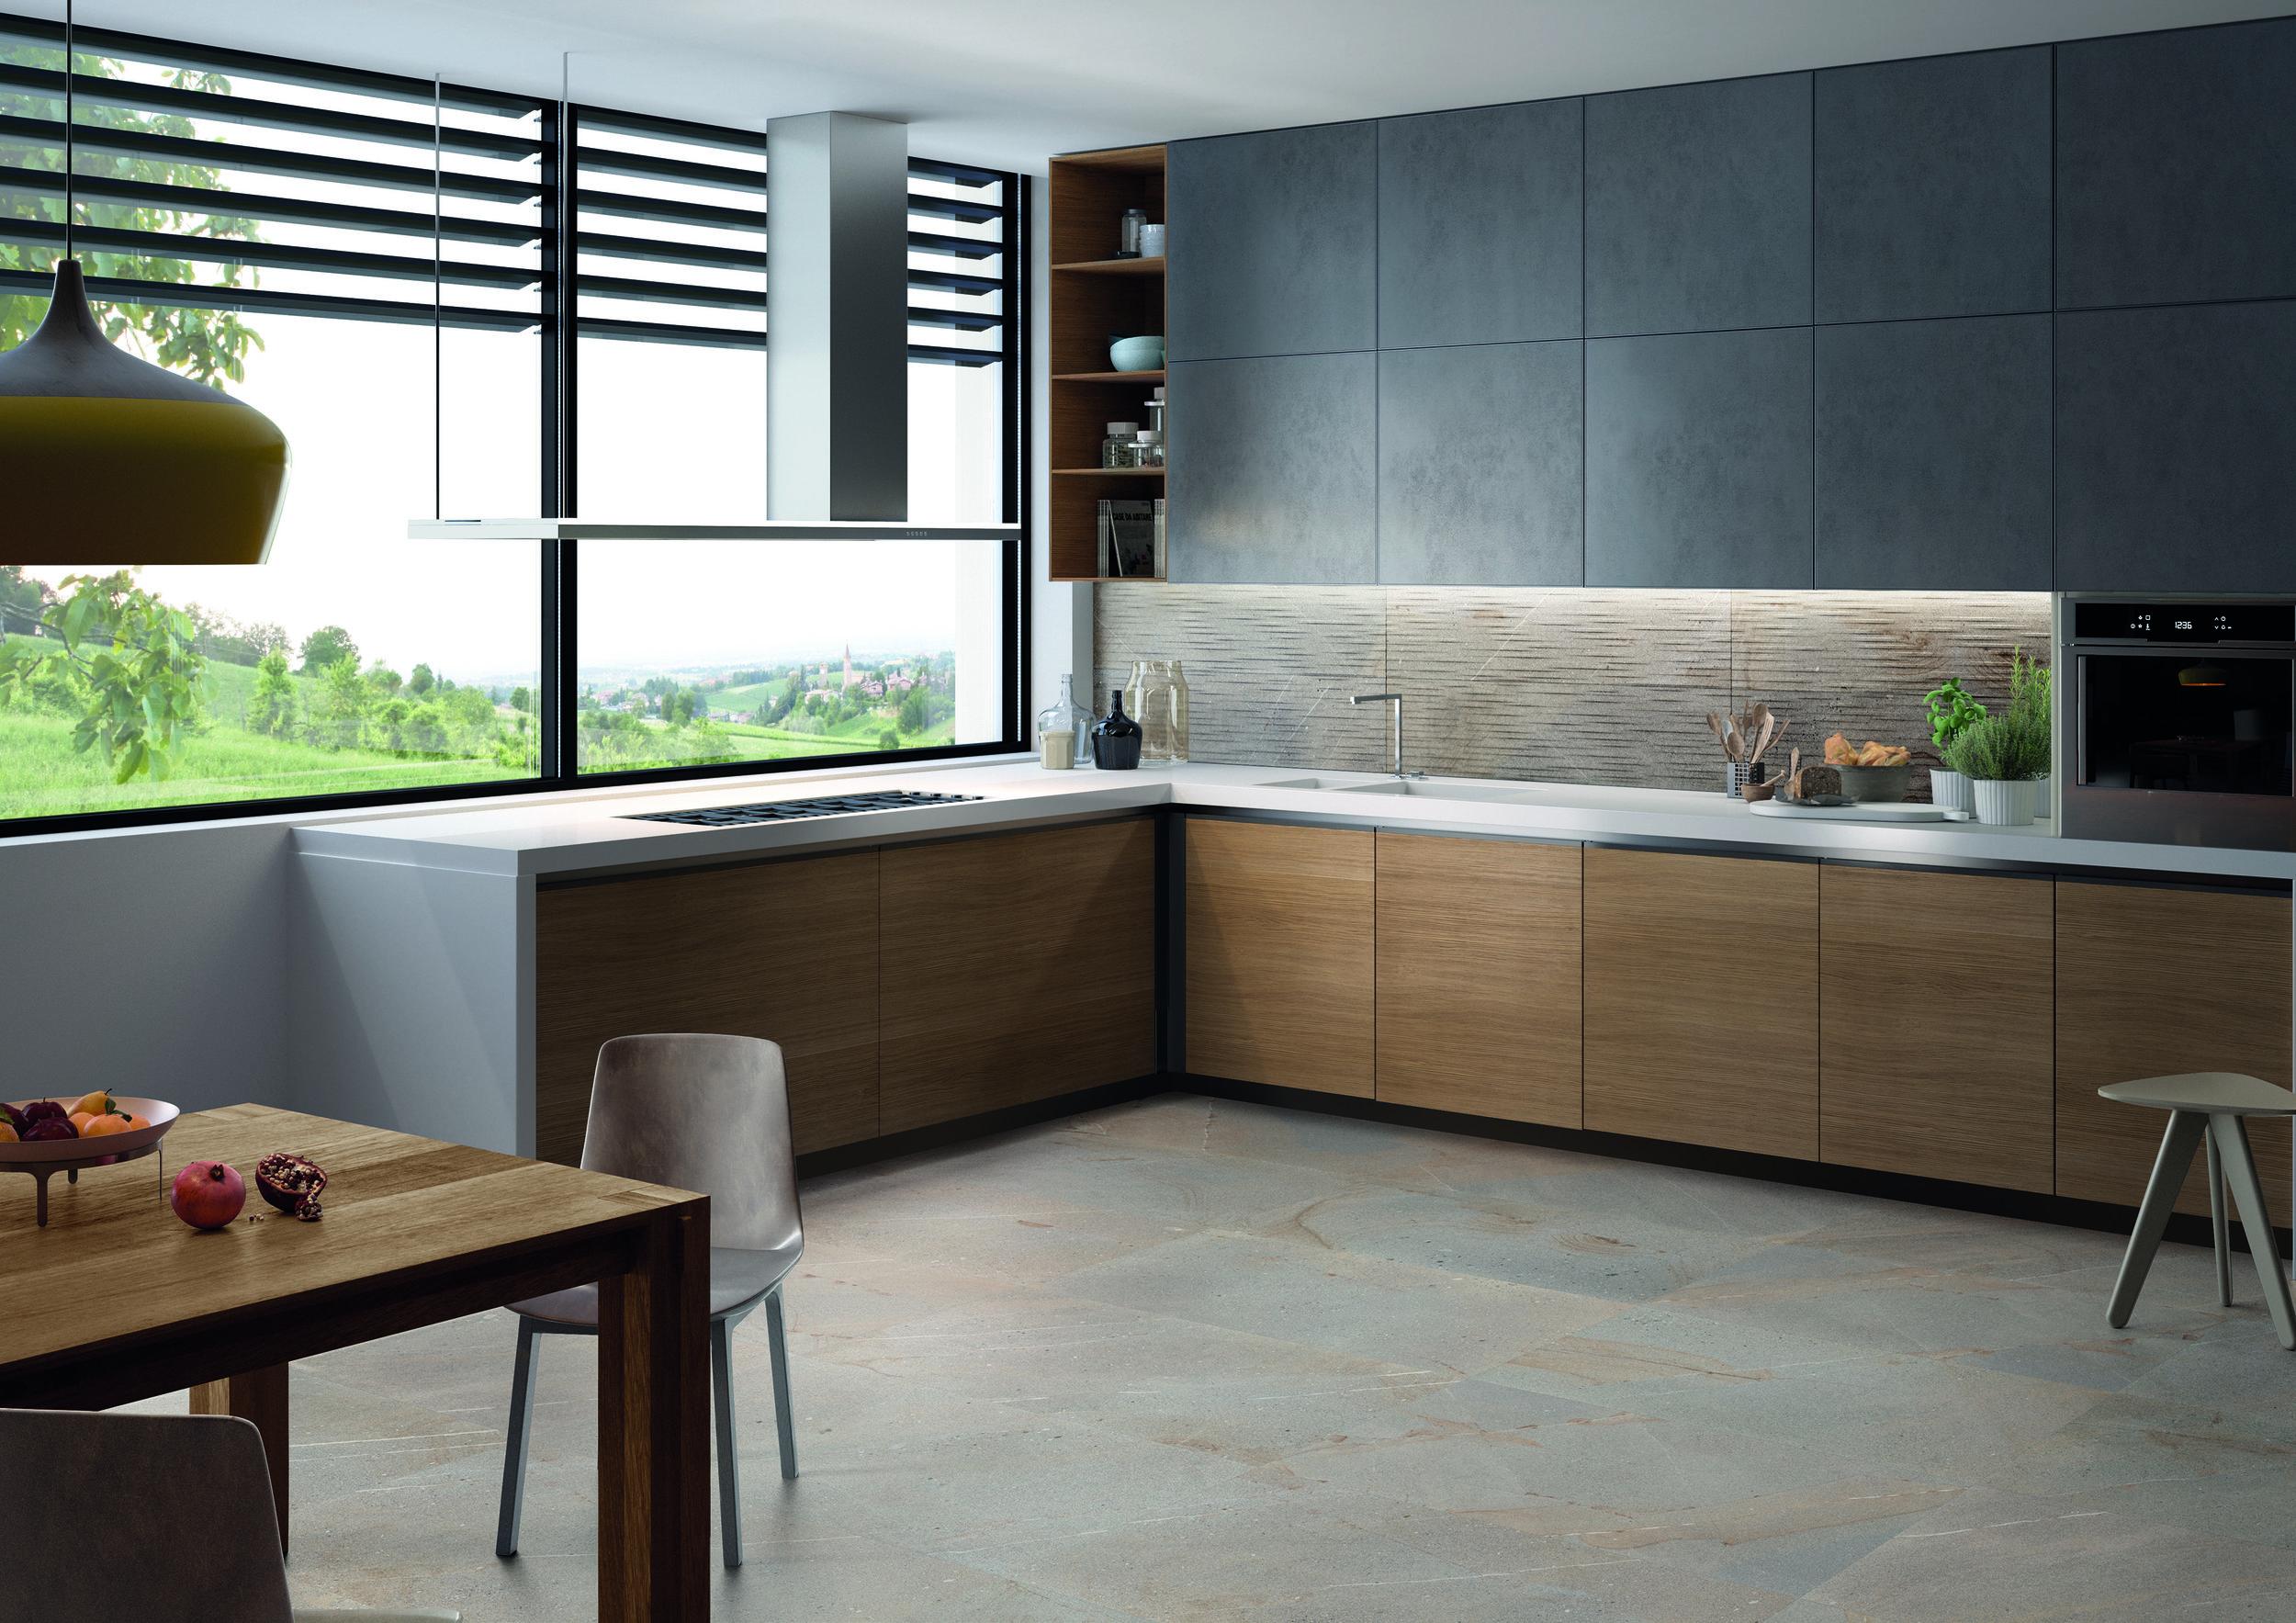 Cornerstone Granite Stone 60x120-Parallelo Amb Cucina.jpg